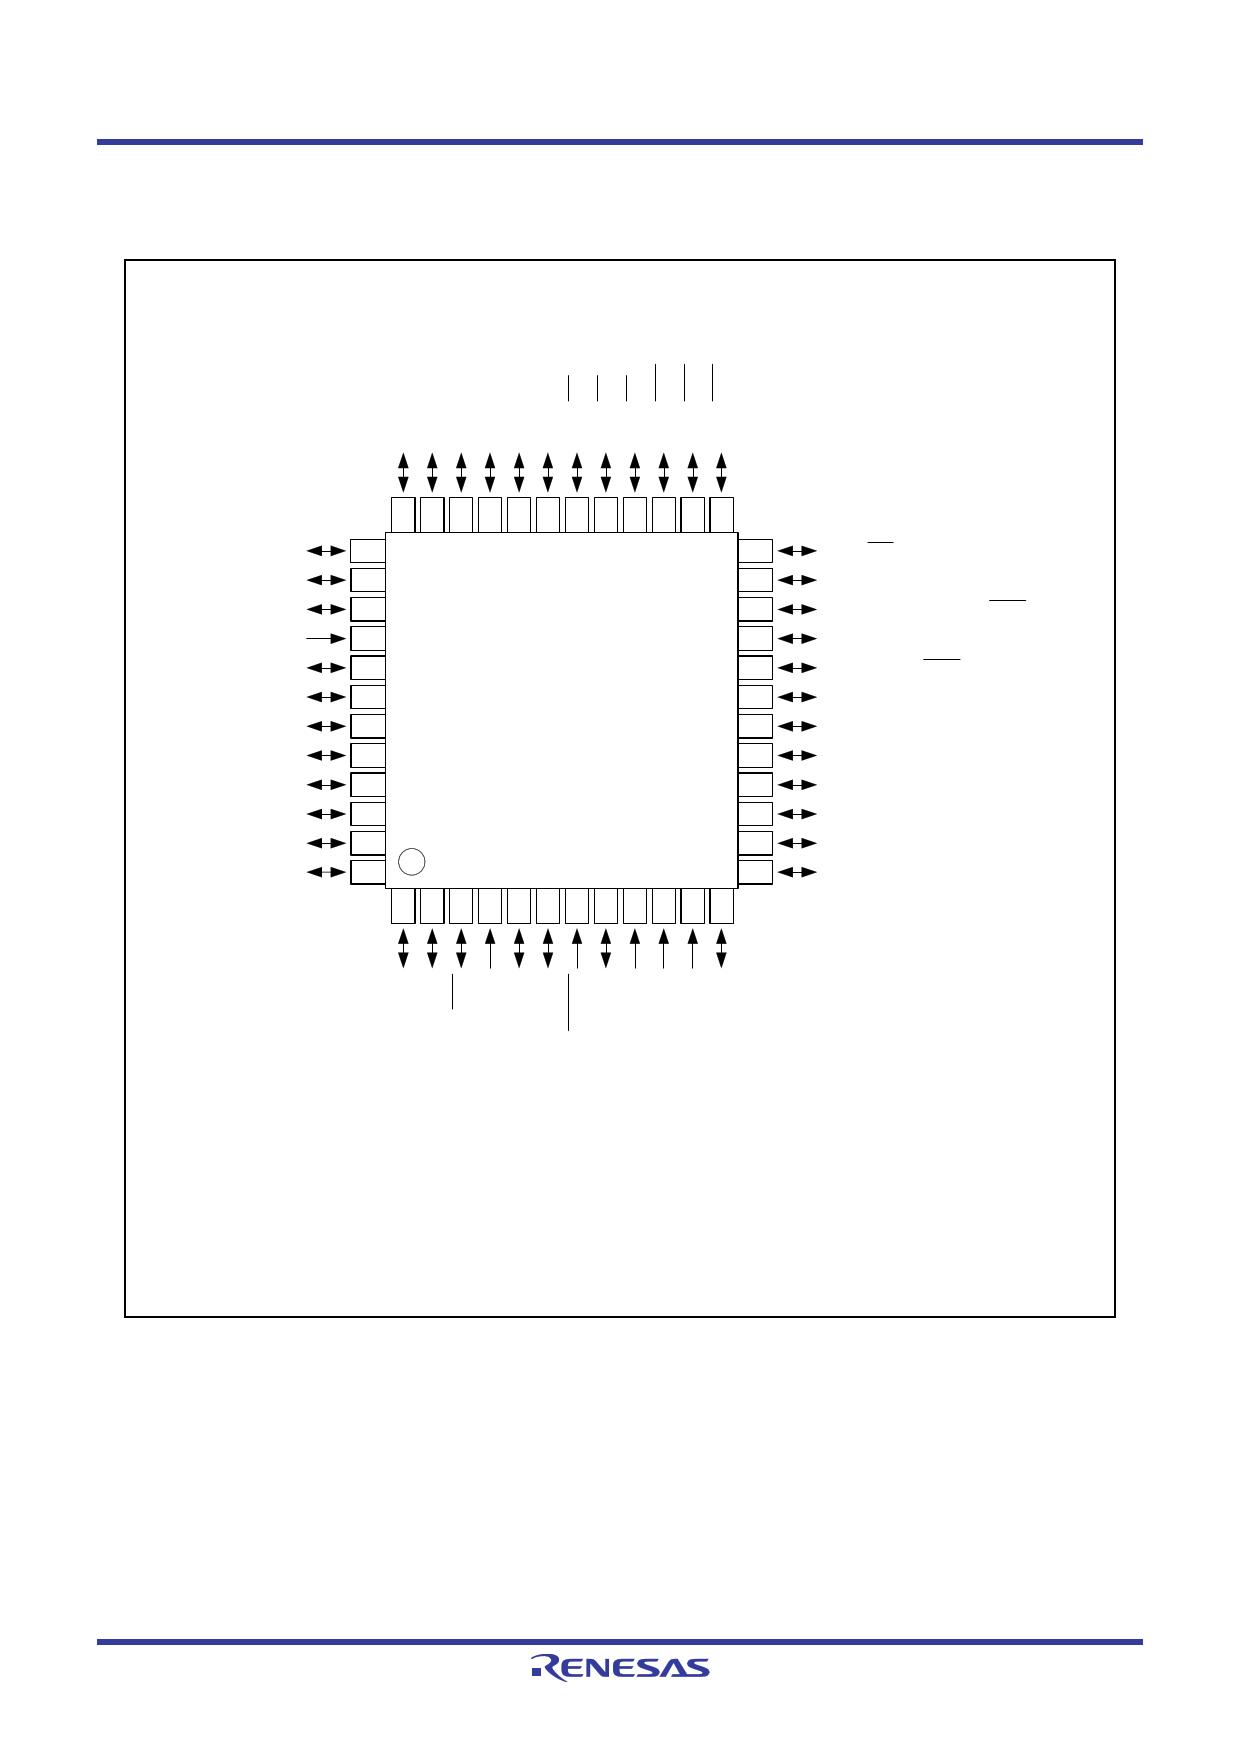 R5F21236DFP 전자부품, 판매, 대치품